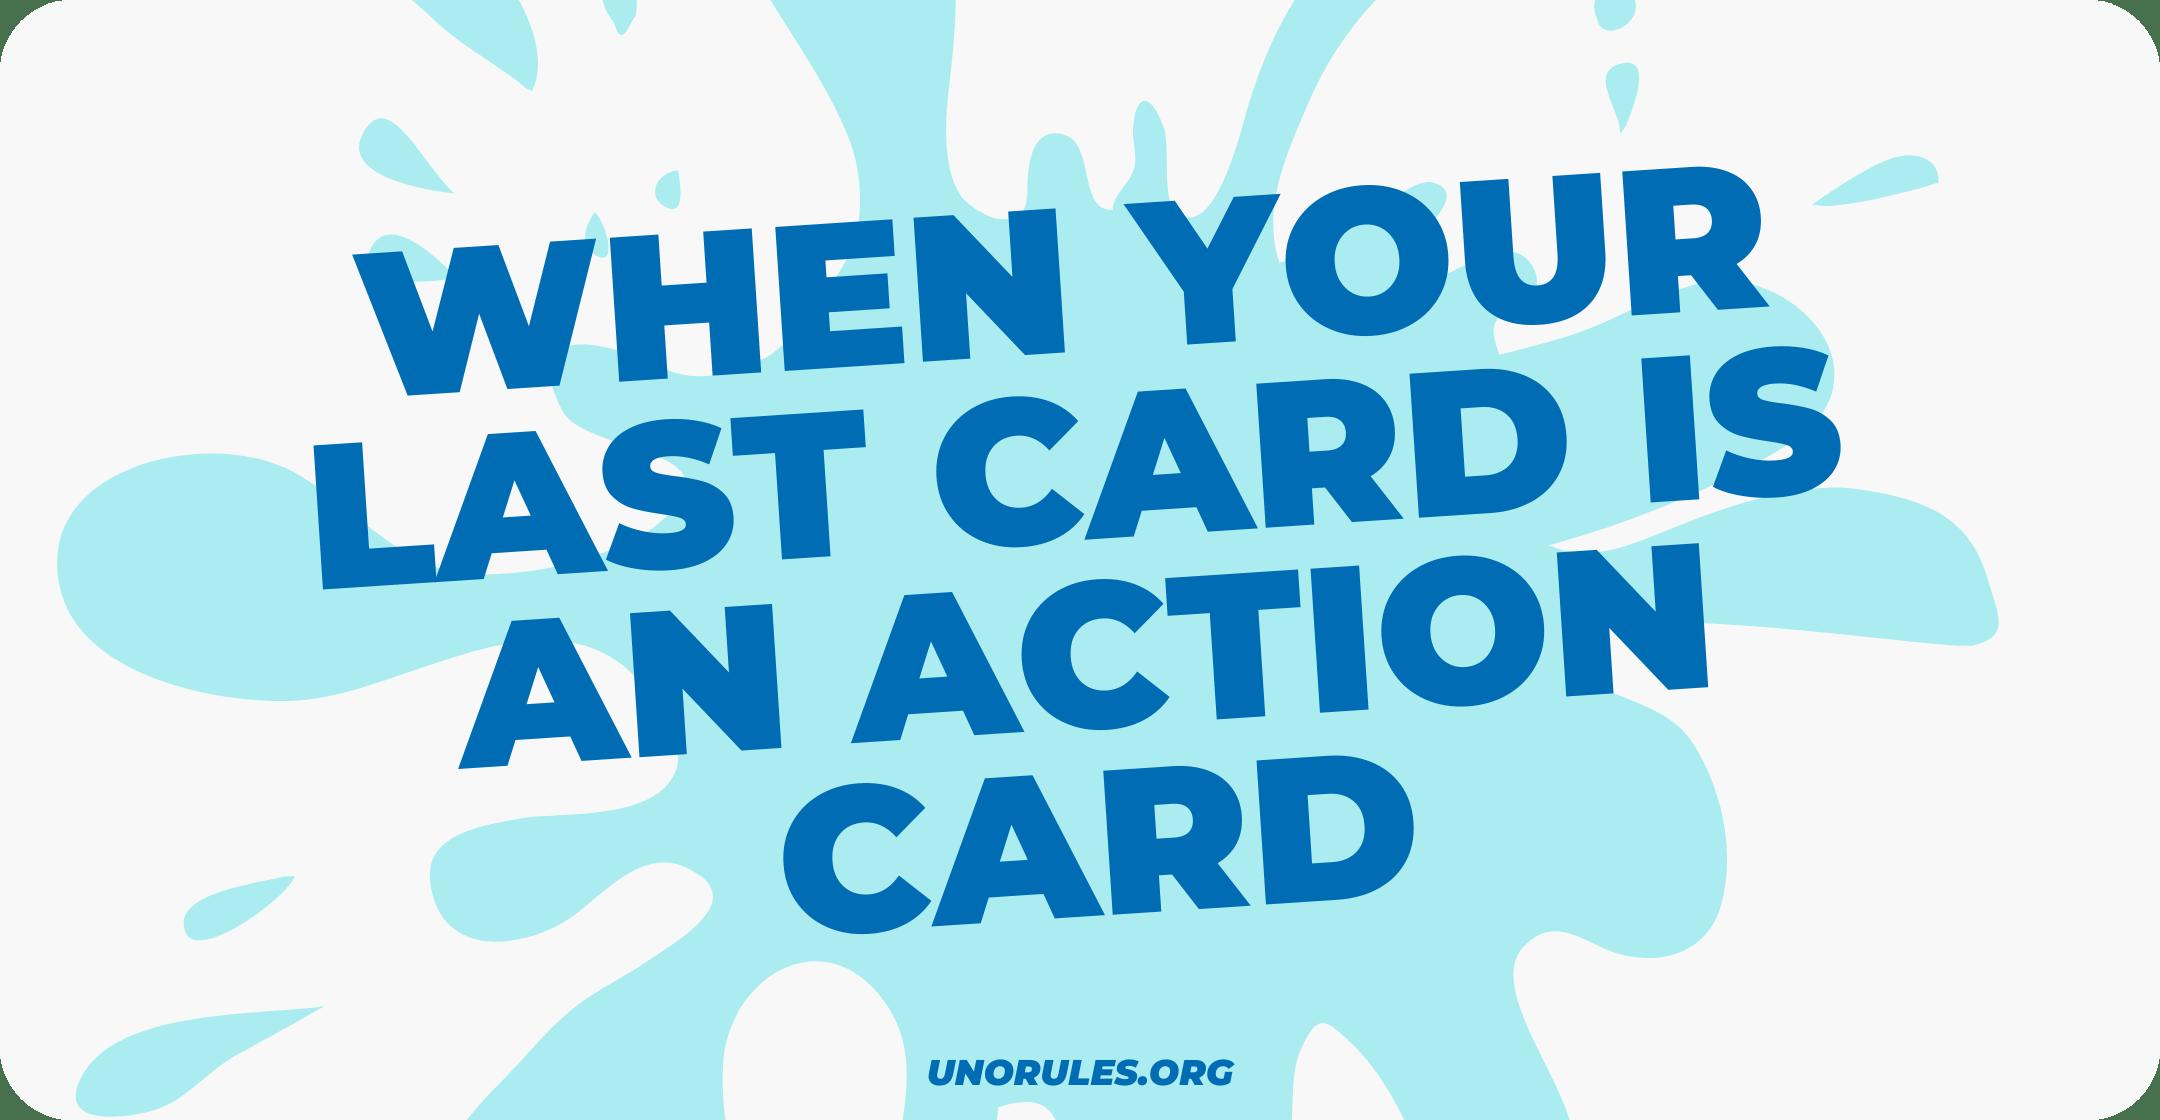 Last card action card